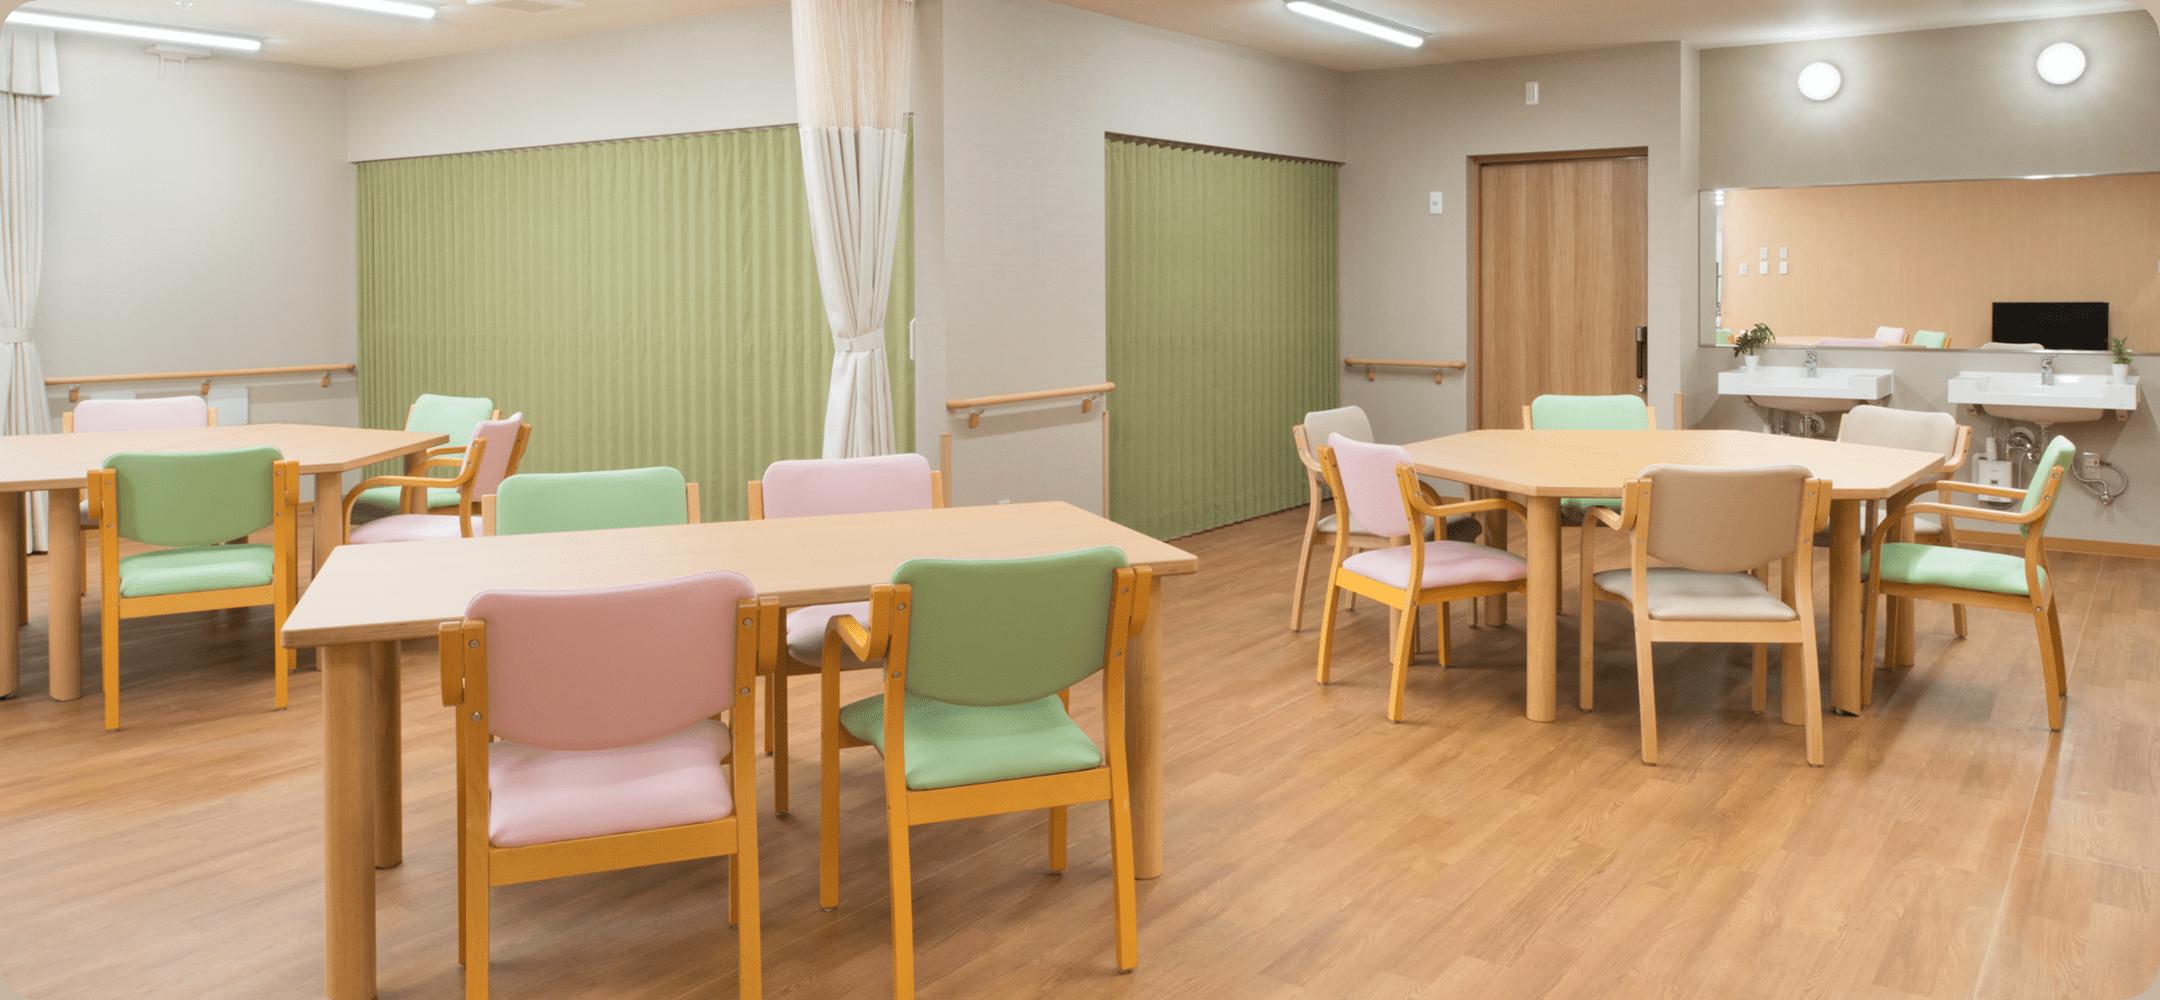 看護小規模多機能型居宅介護フロアイメージ